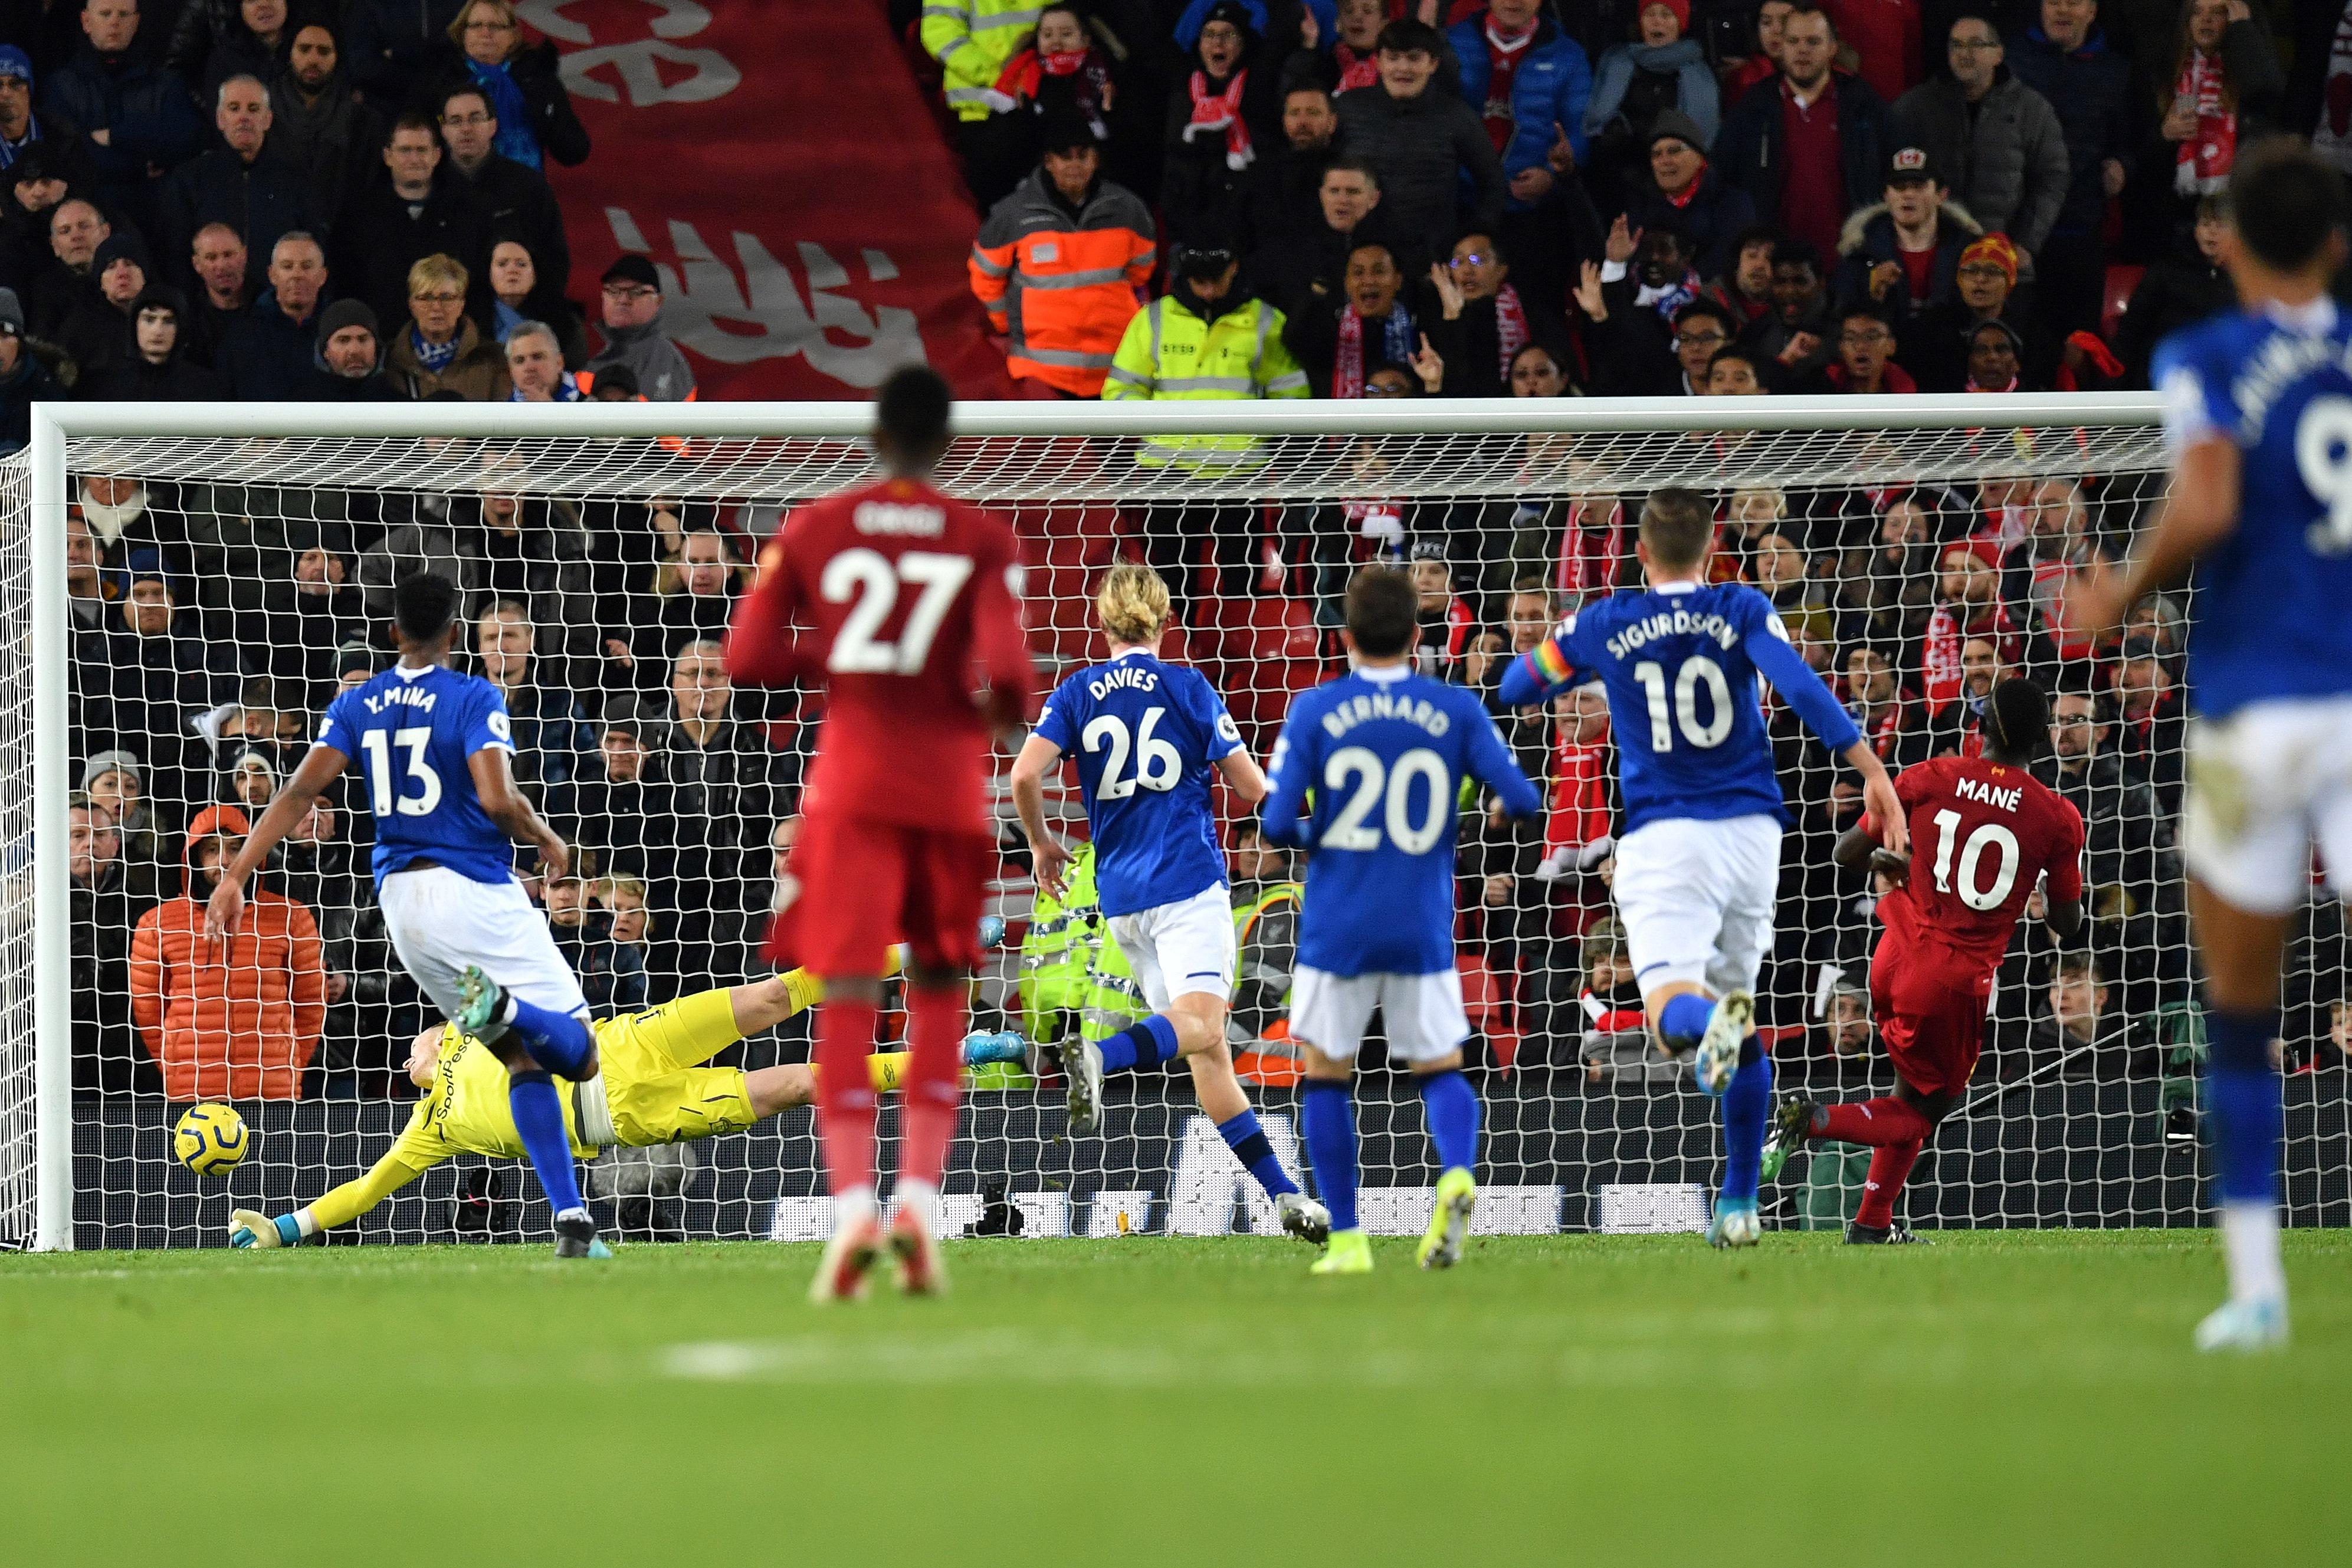 Marco Silva sai goleado no dérbi de Merseyside com Liverpool e tem futuro em risco